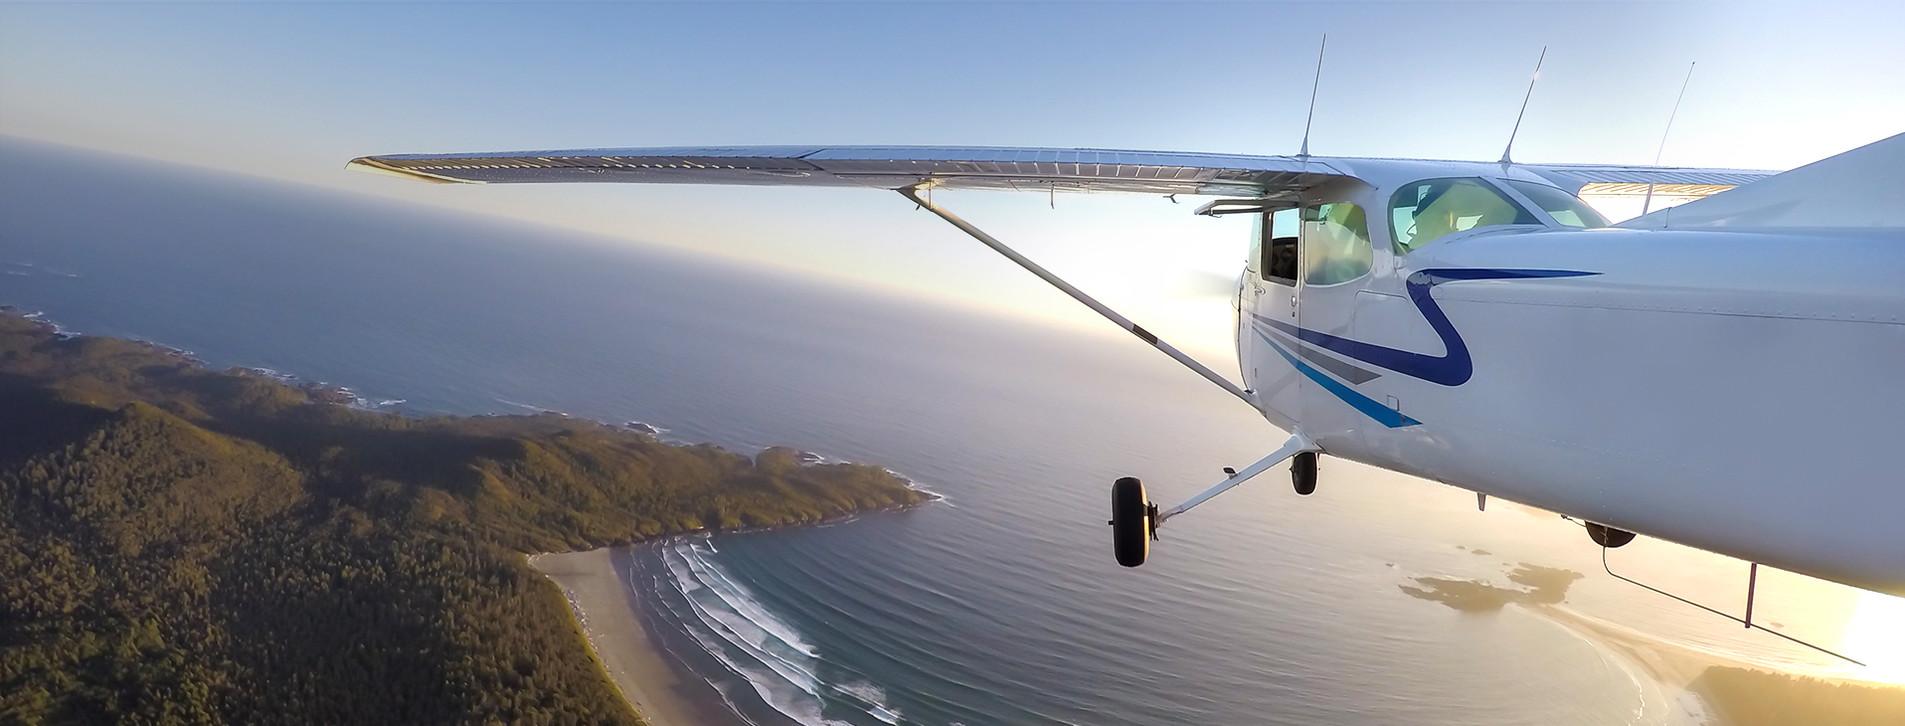 Fotoğraf - Karadeniz üzerinde Küçük Uçak Turu